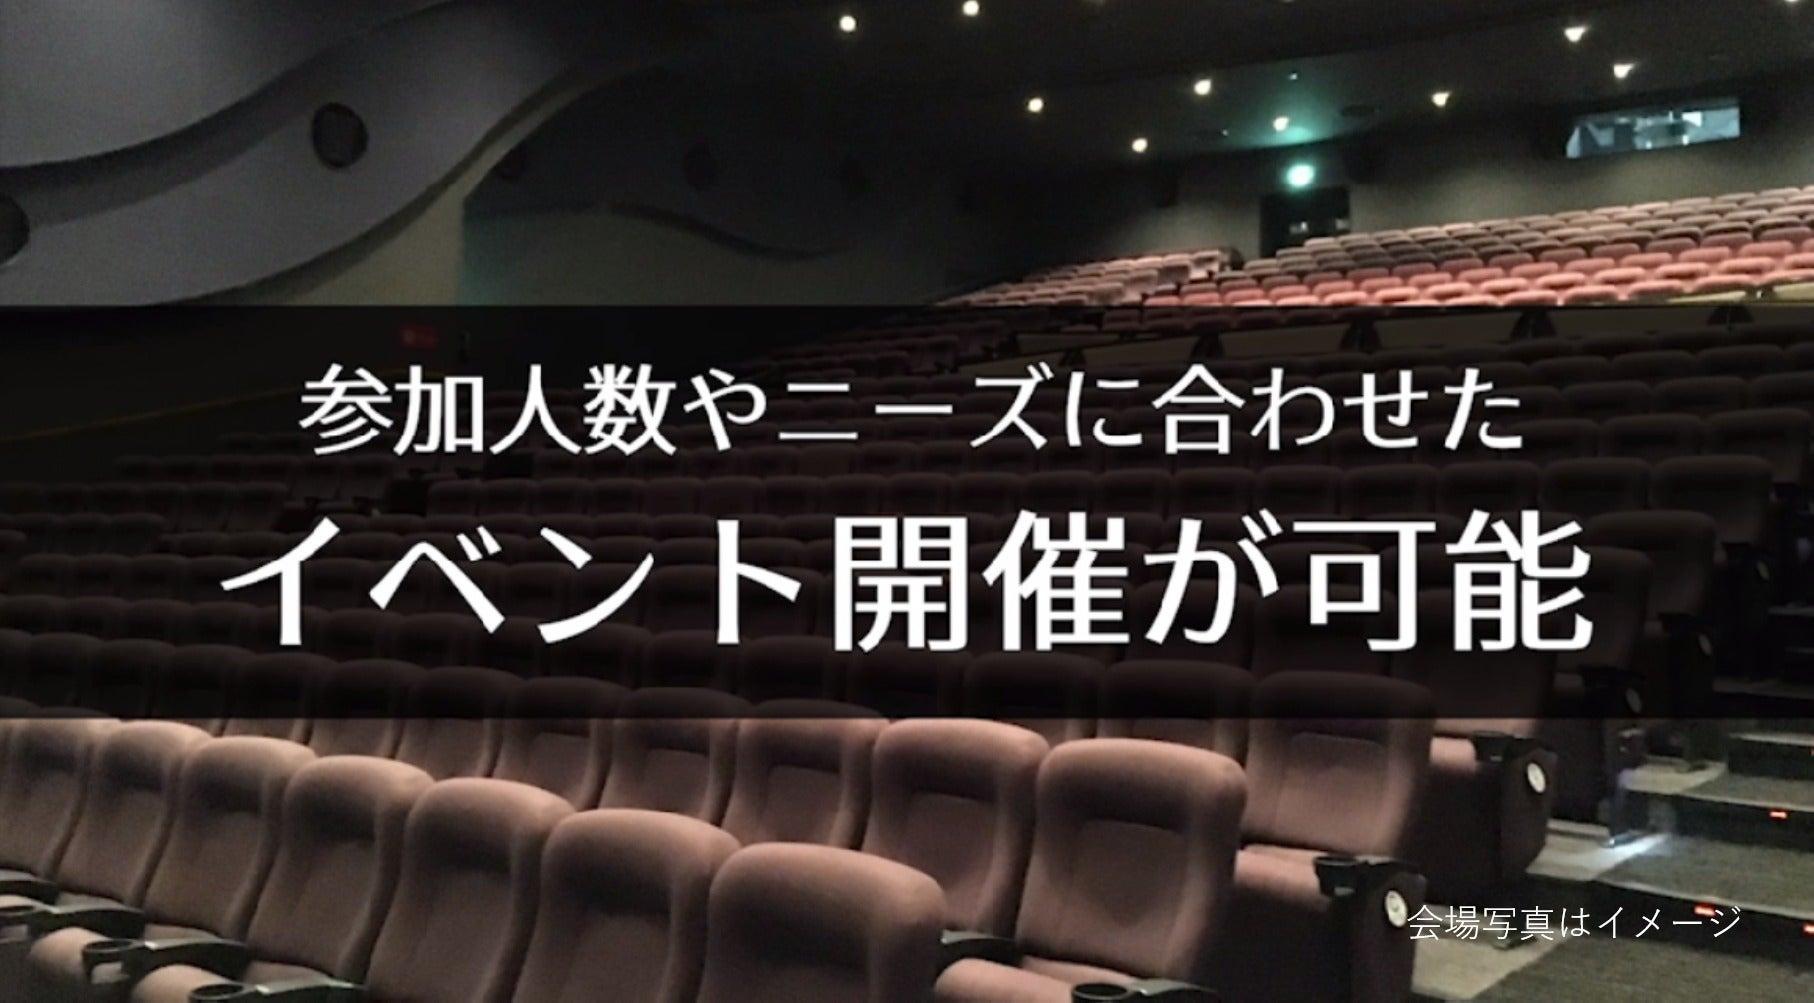 【水戸 149席】映画館で、会社説明会、株主総会、講演会の企画はいかがですか?(ユナイテッド・シネマ水戸) の写真0